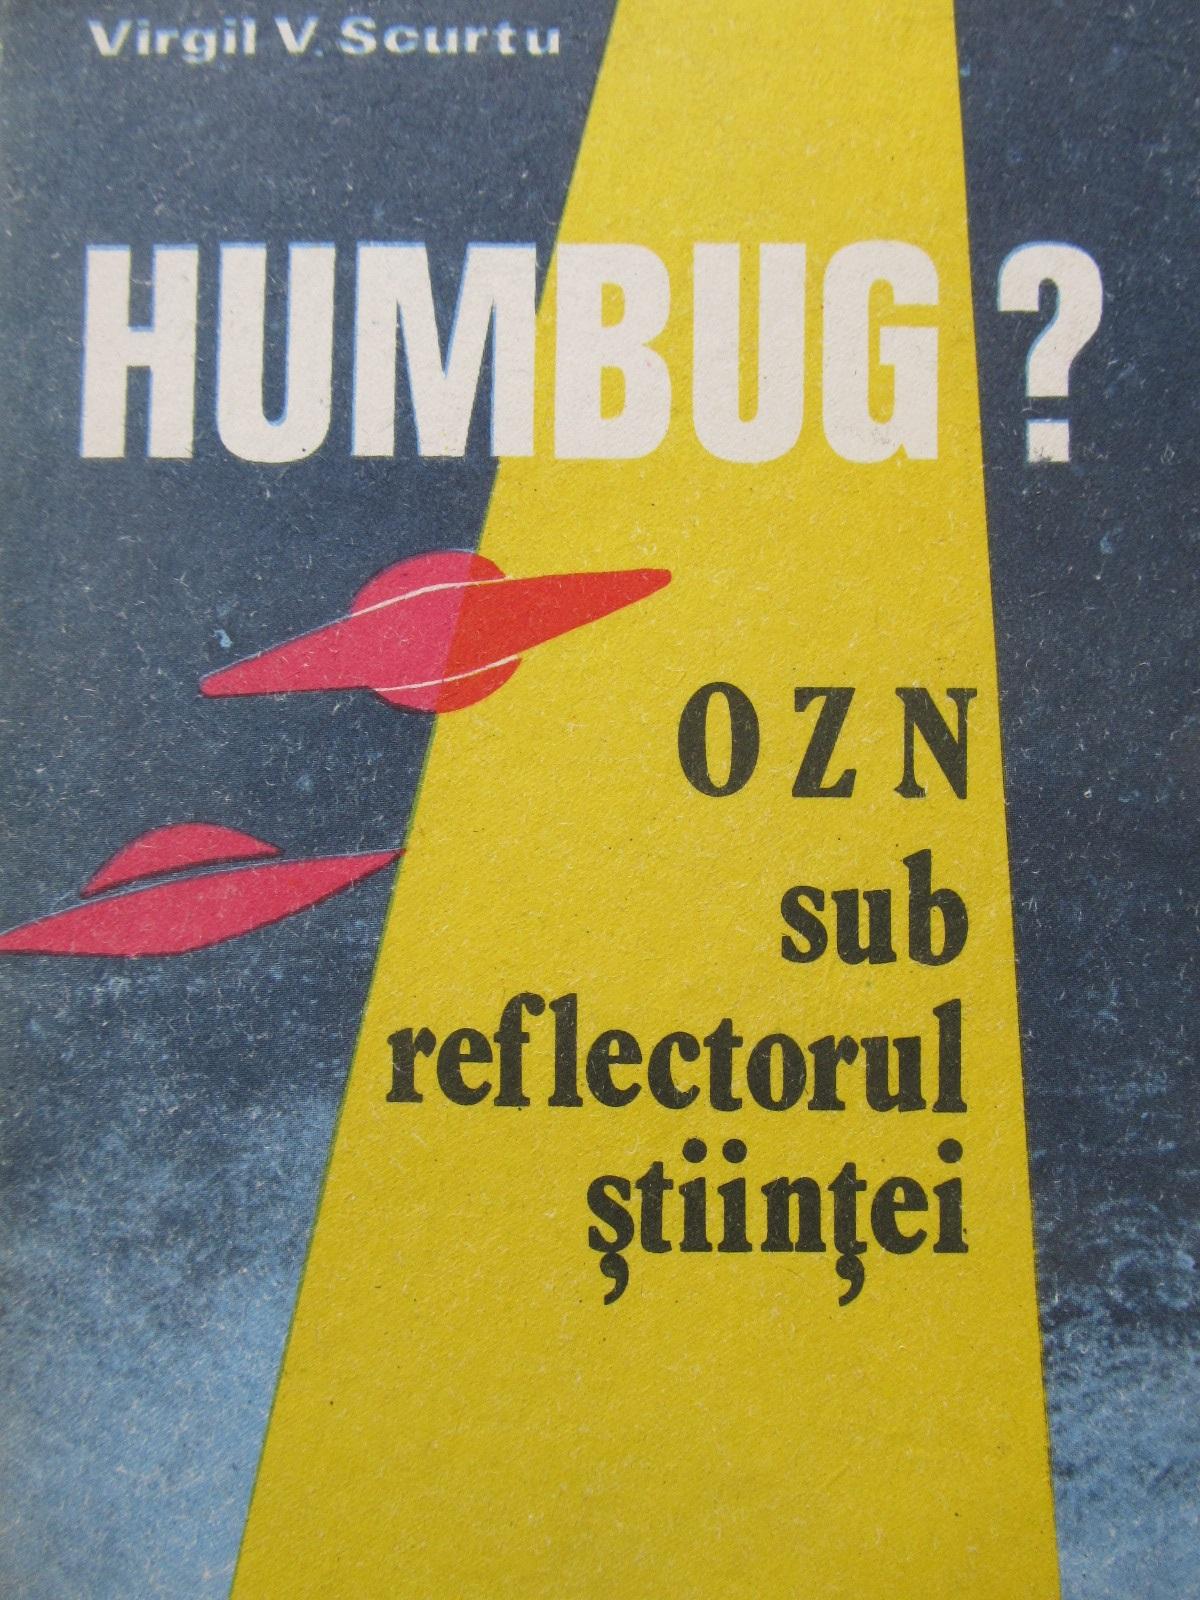 Hamburg ? - OZN sub reflectorul stiintei - Virgil V. Scurtu | Detalii carte